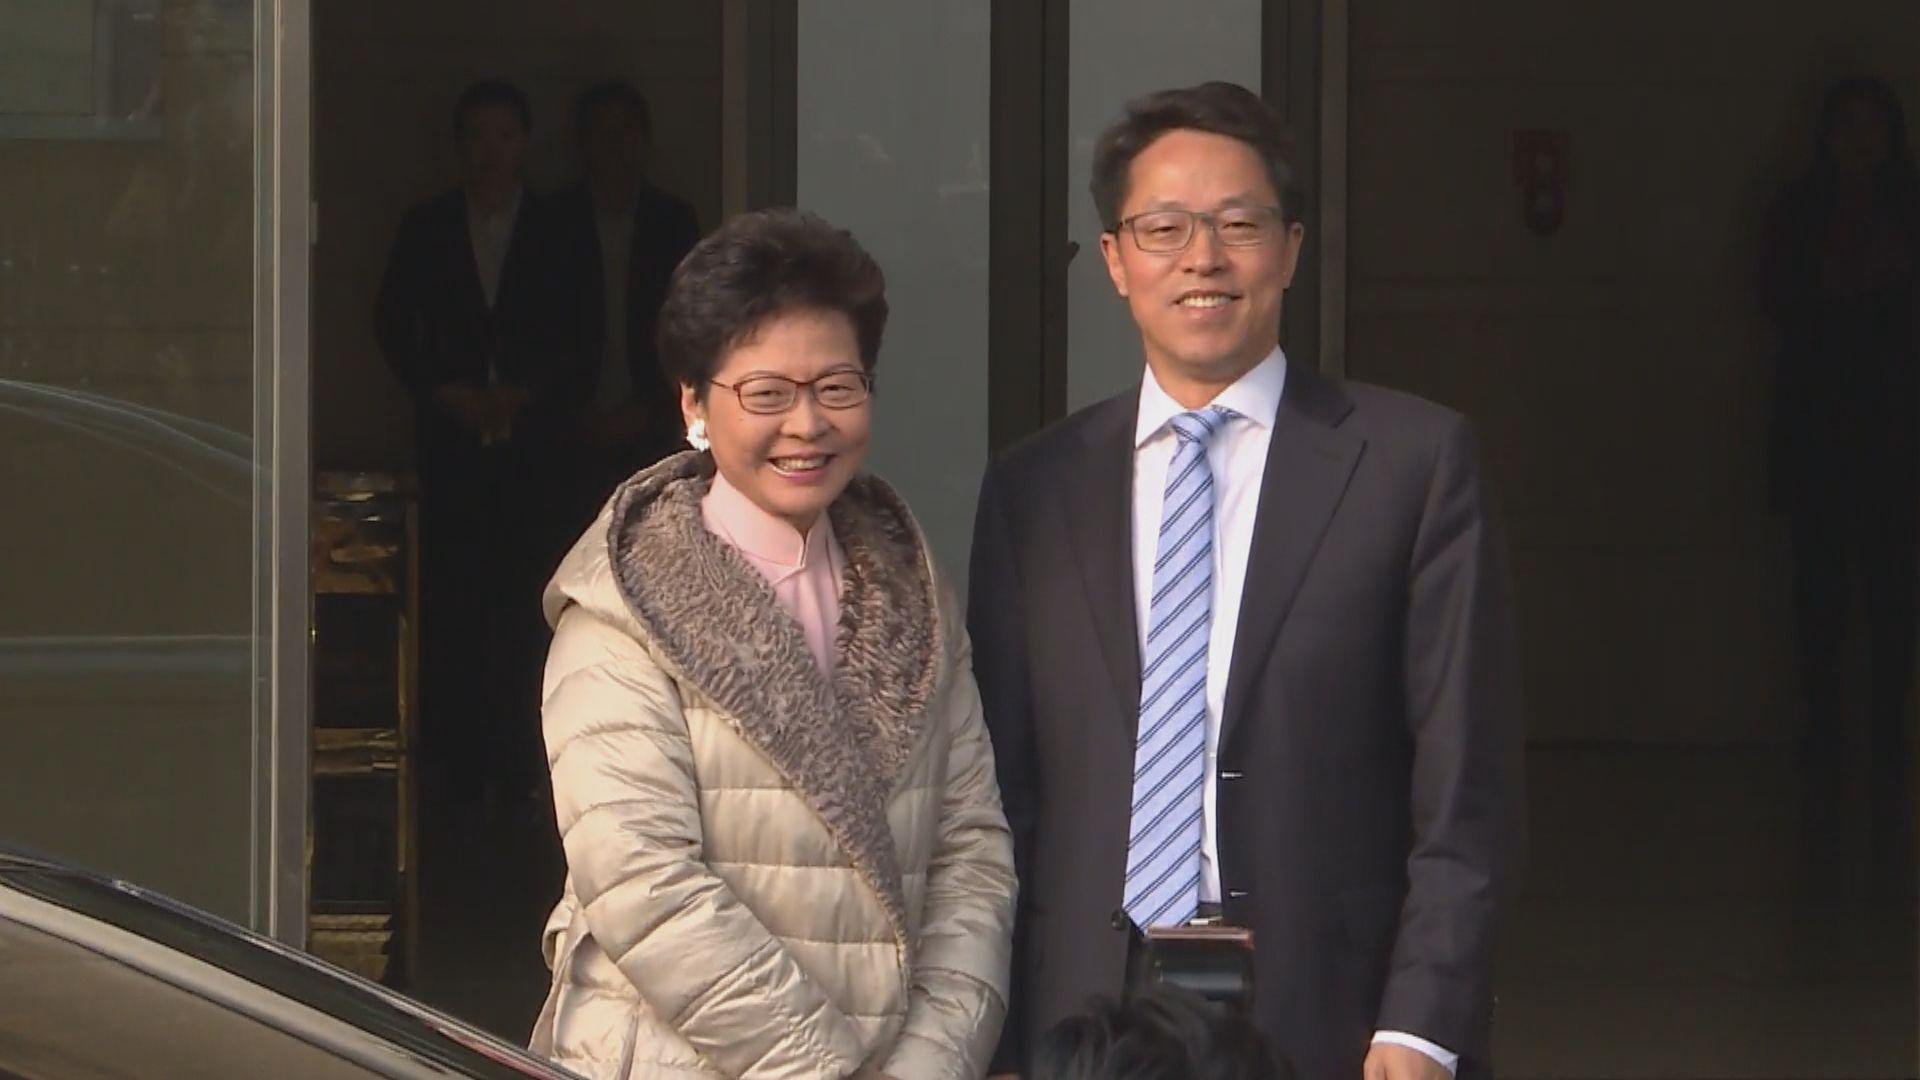 林鄭月娥與張曉明及韓正會面